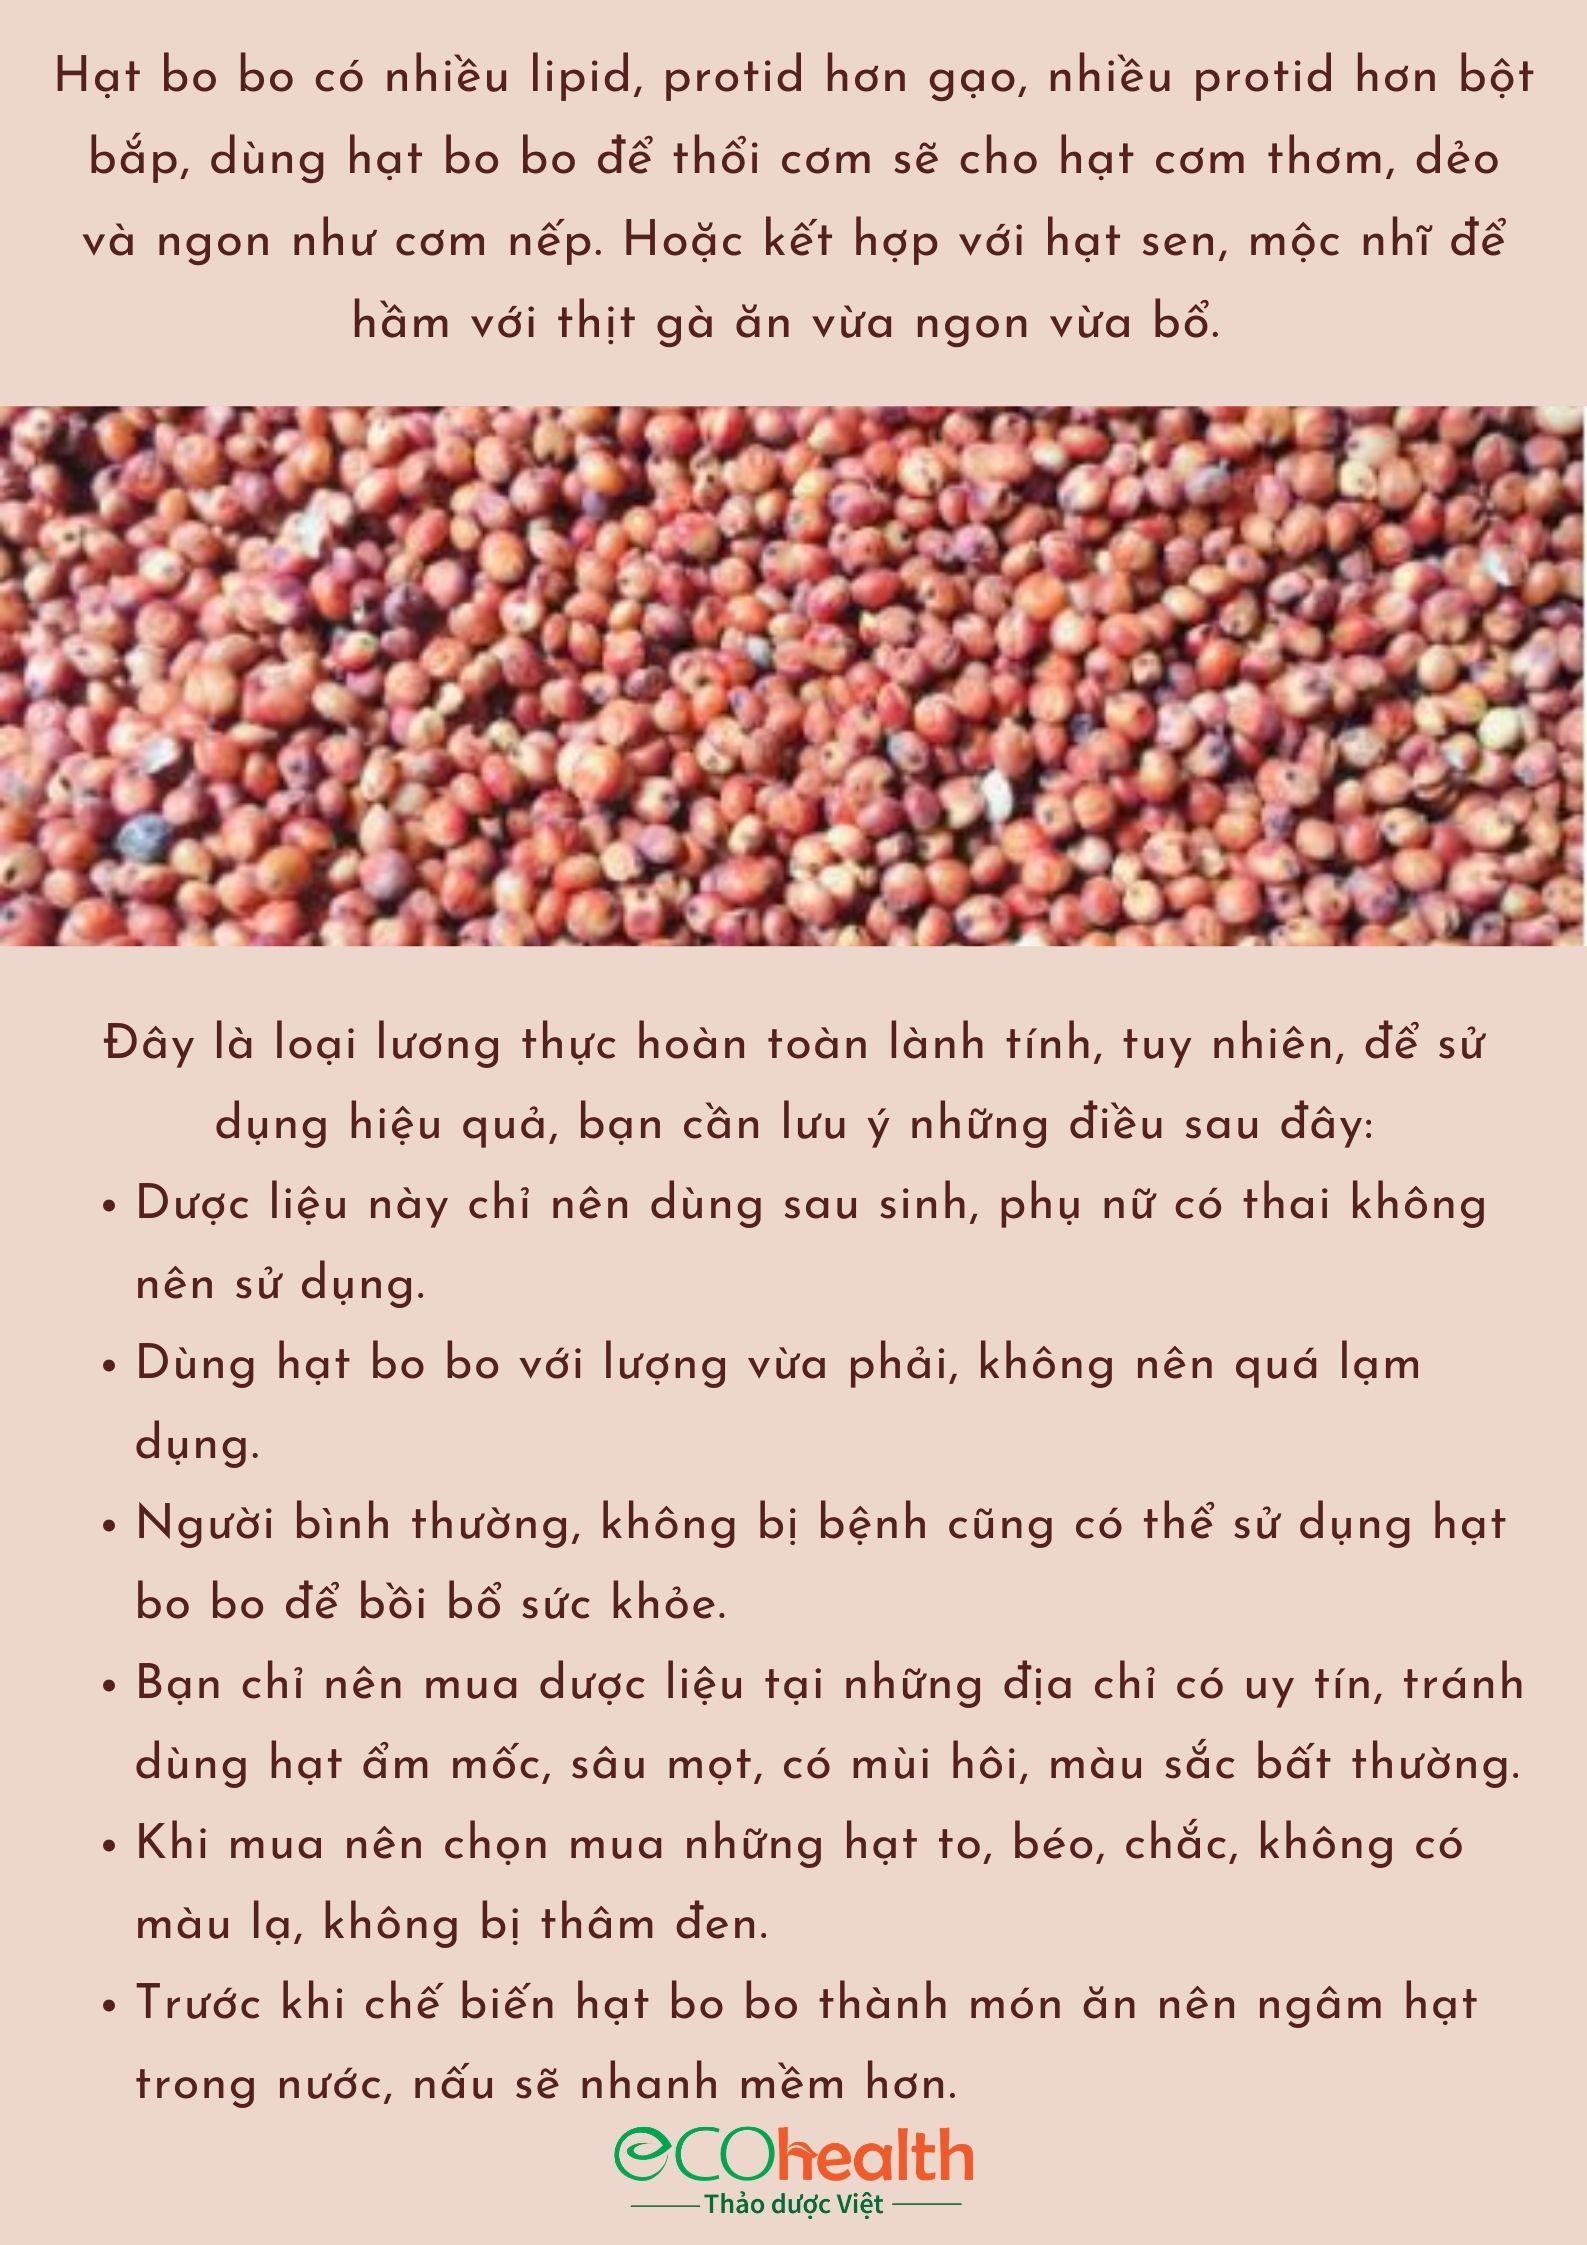 500g hạt bo bo đỏ Ấn Độ 14